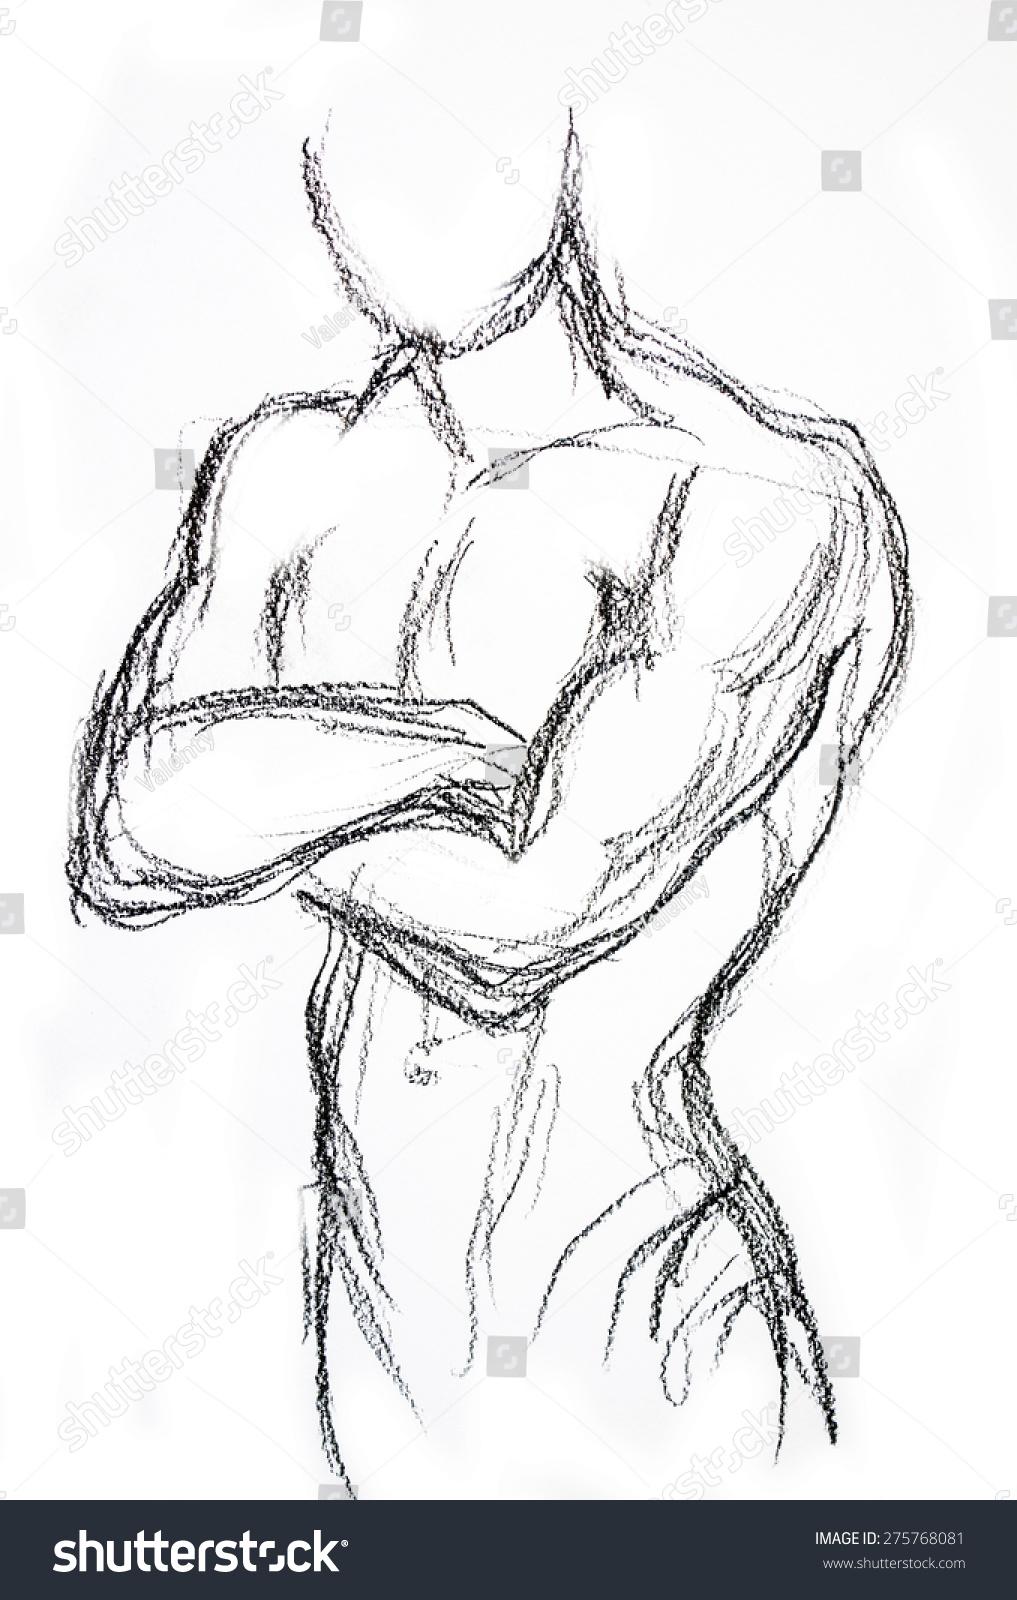 Man torso sketch pencil drawing